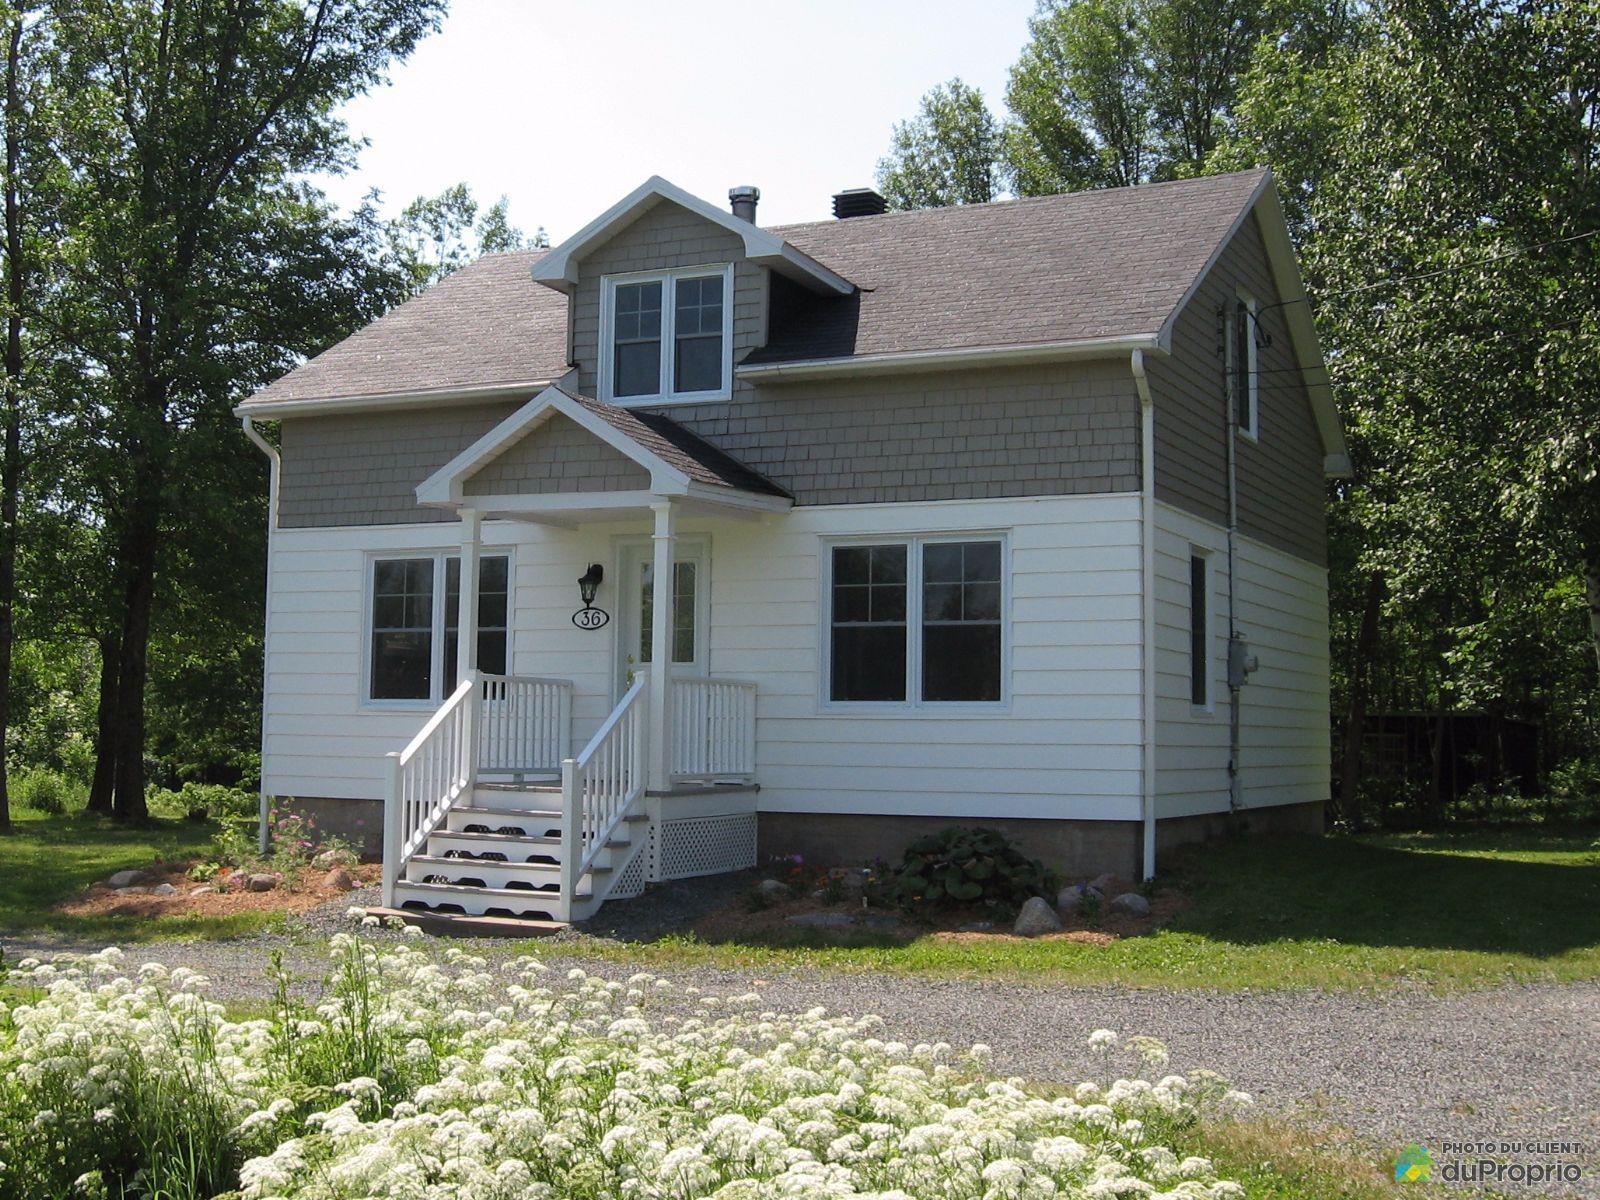 Maison Vendre Beaumont 36 Route Du Fleuve Immobilier